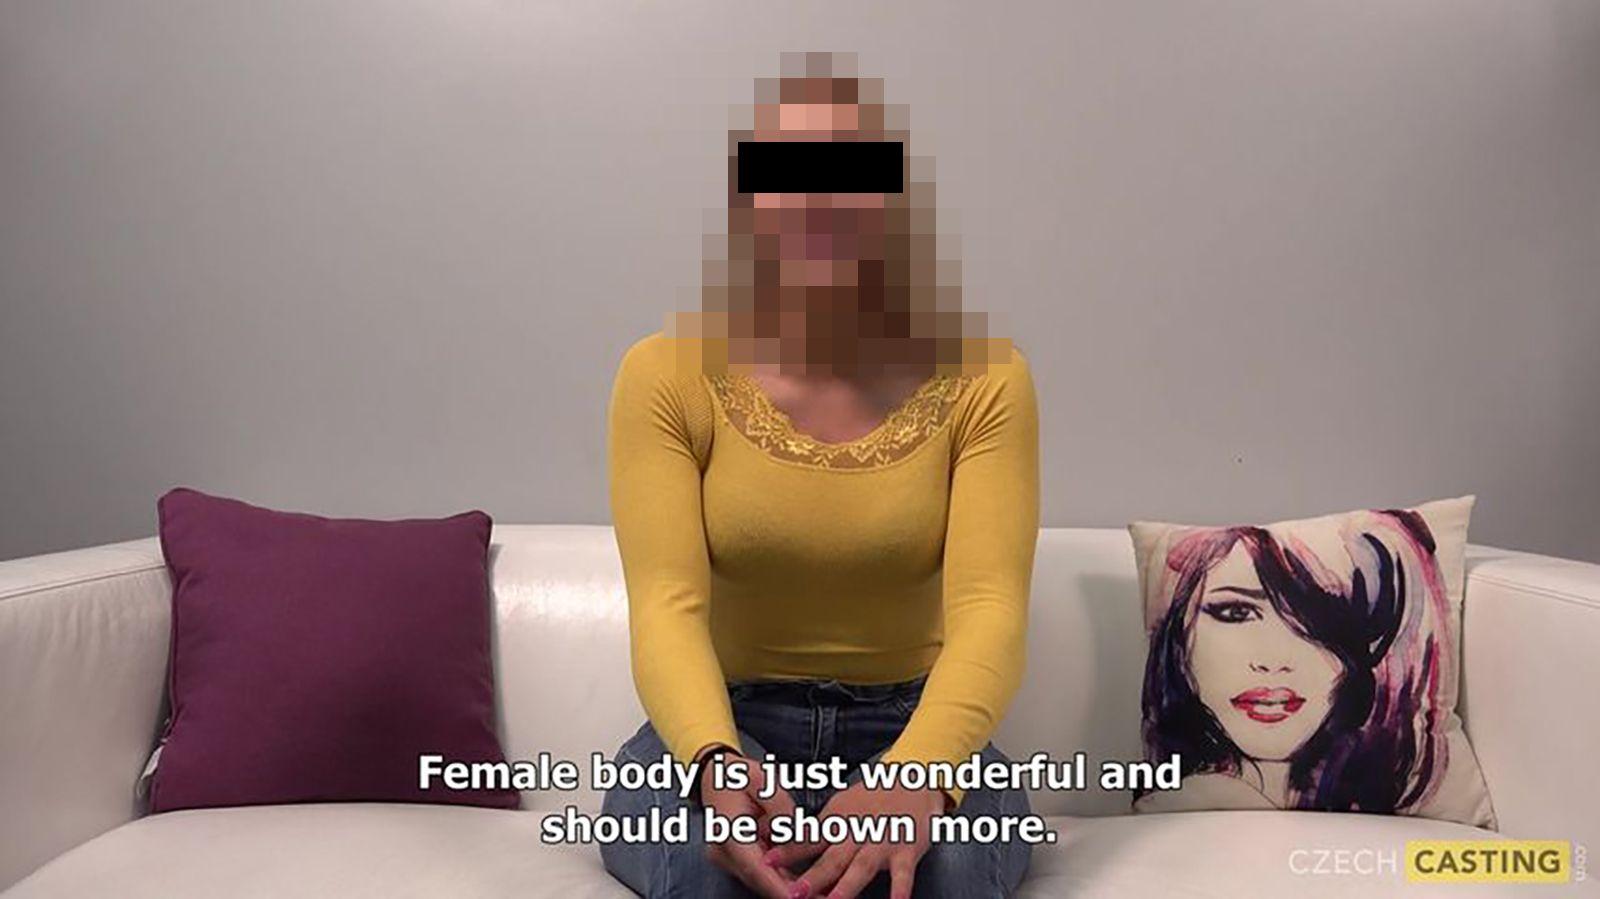 Razie v největší české porno produkci: Ženy k sexu měli nutit, některé chtěly spáchat sebevraždu, viníkům hrozí 12 let vězení